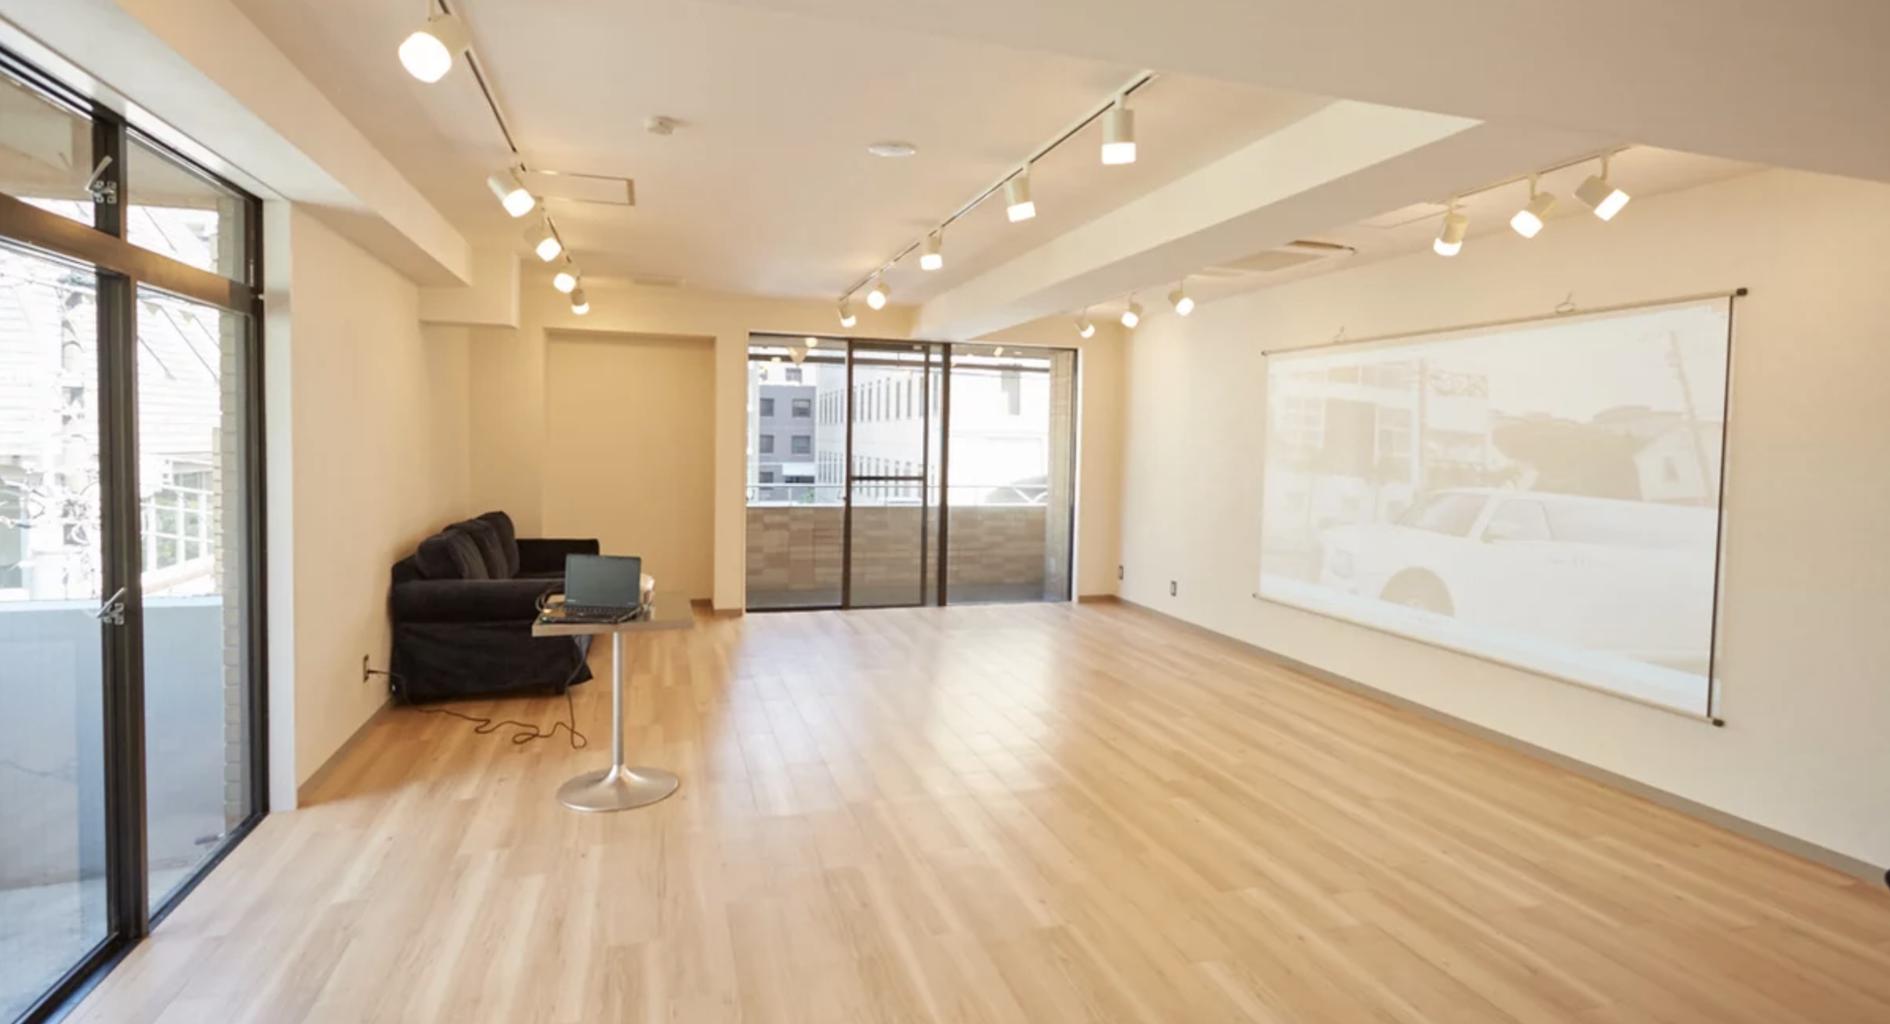 【矢板市で貸切】プロジェクター完備の貸切パーティースペース・個室